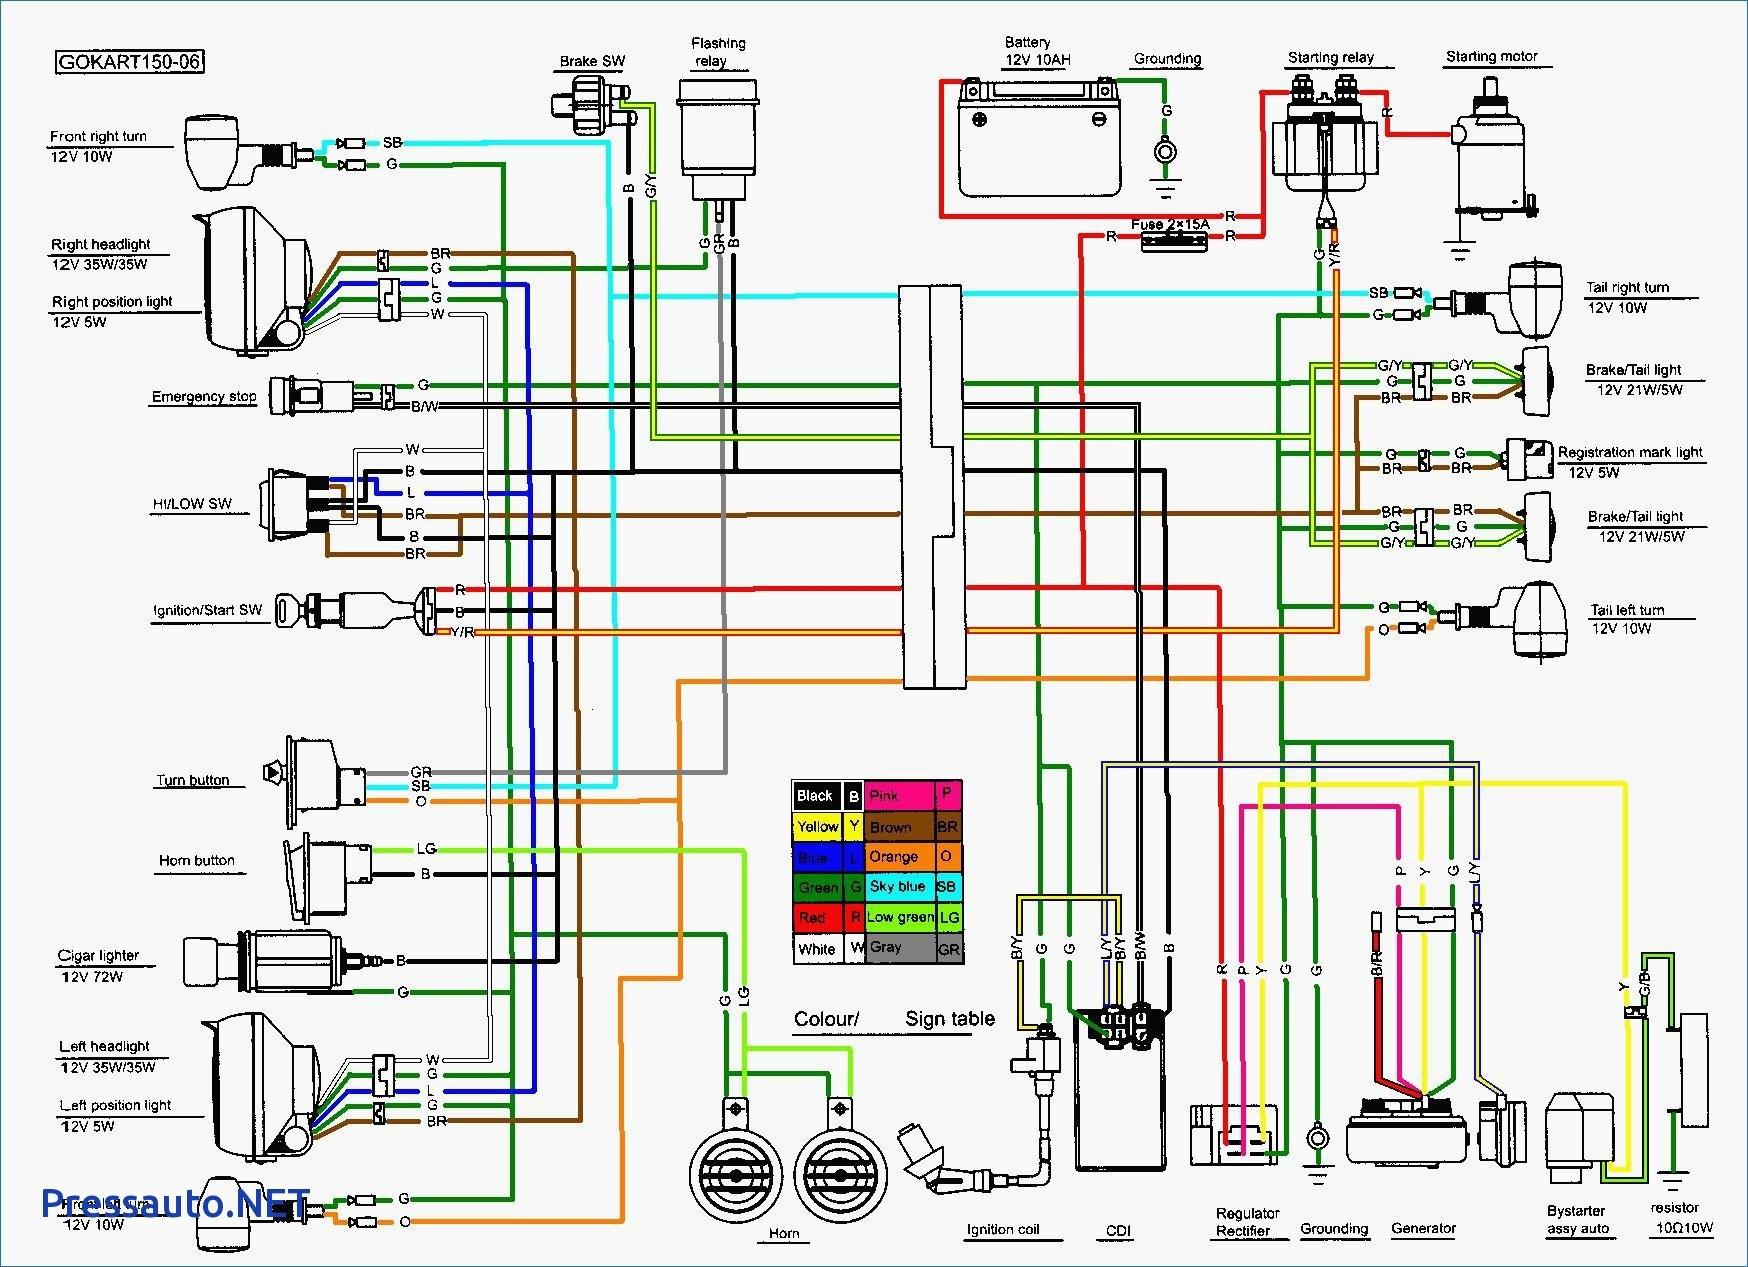 110 Honda 4 Wheeler Wiring Diagram | Wiring Diagram - Chinese Atv Wiring Diagram 110